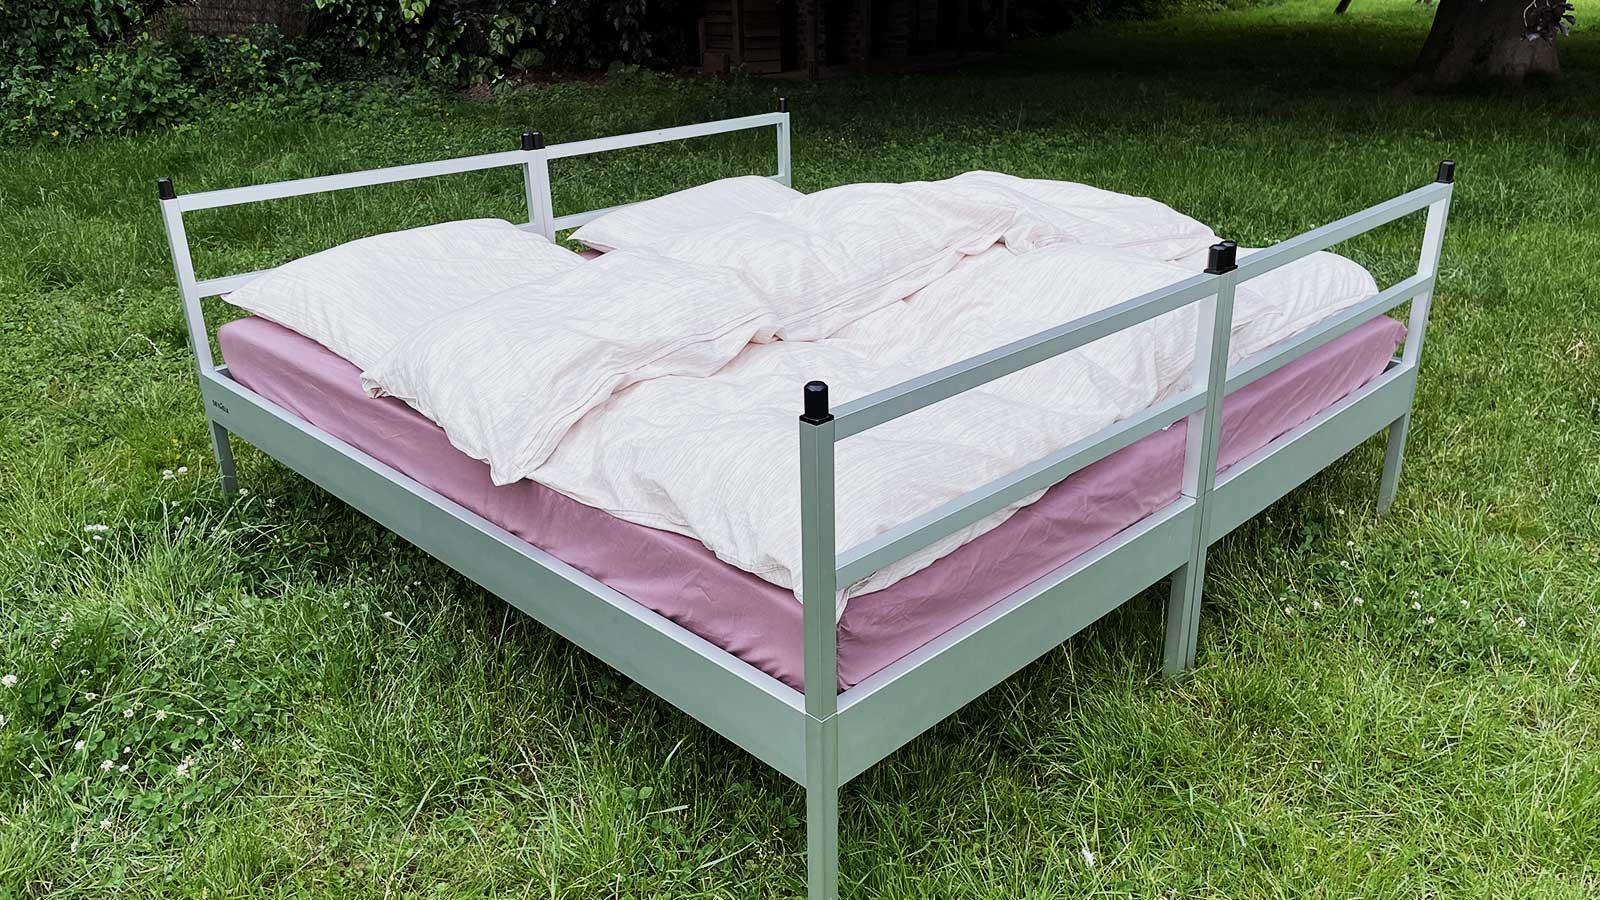 Stellt man zwei SkyHeias nebeneinander, entsteht ein Outdoor Doppelbett für zwei.